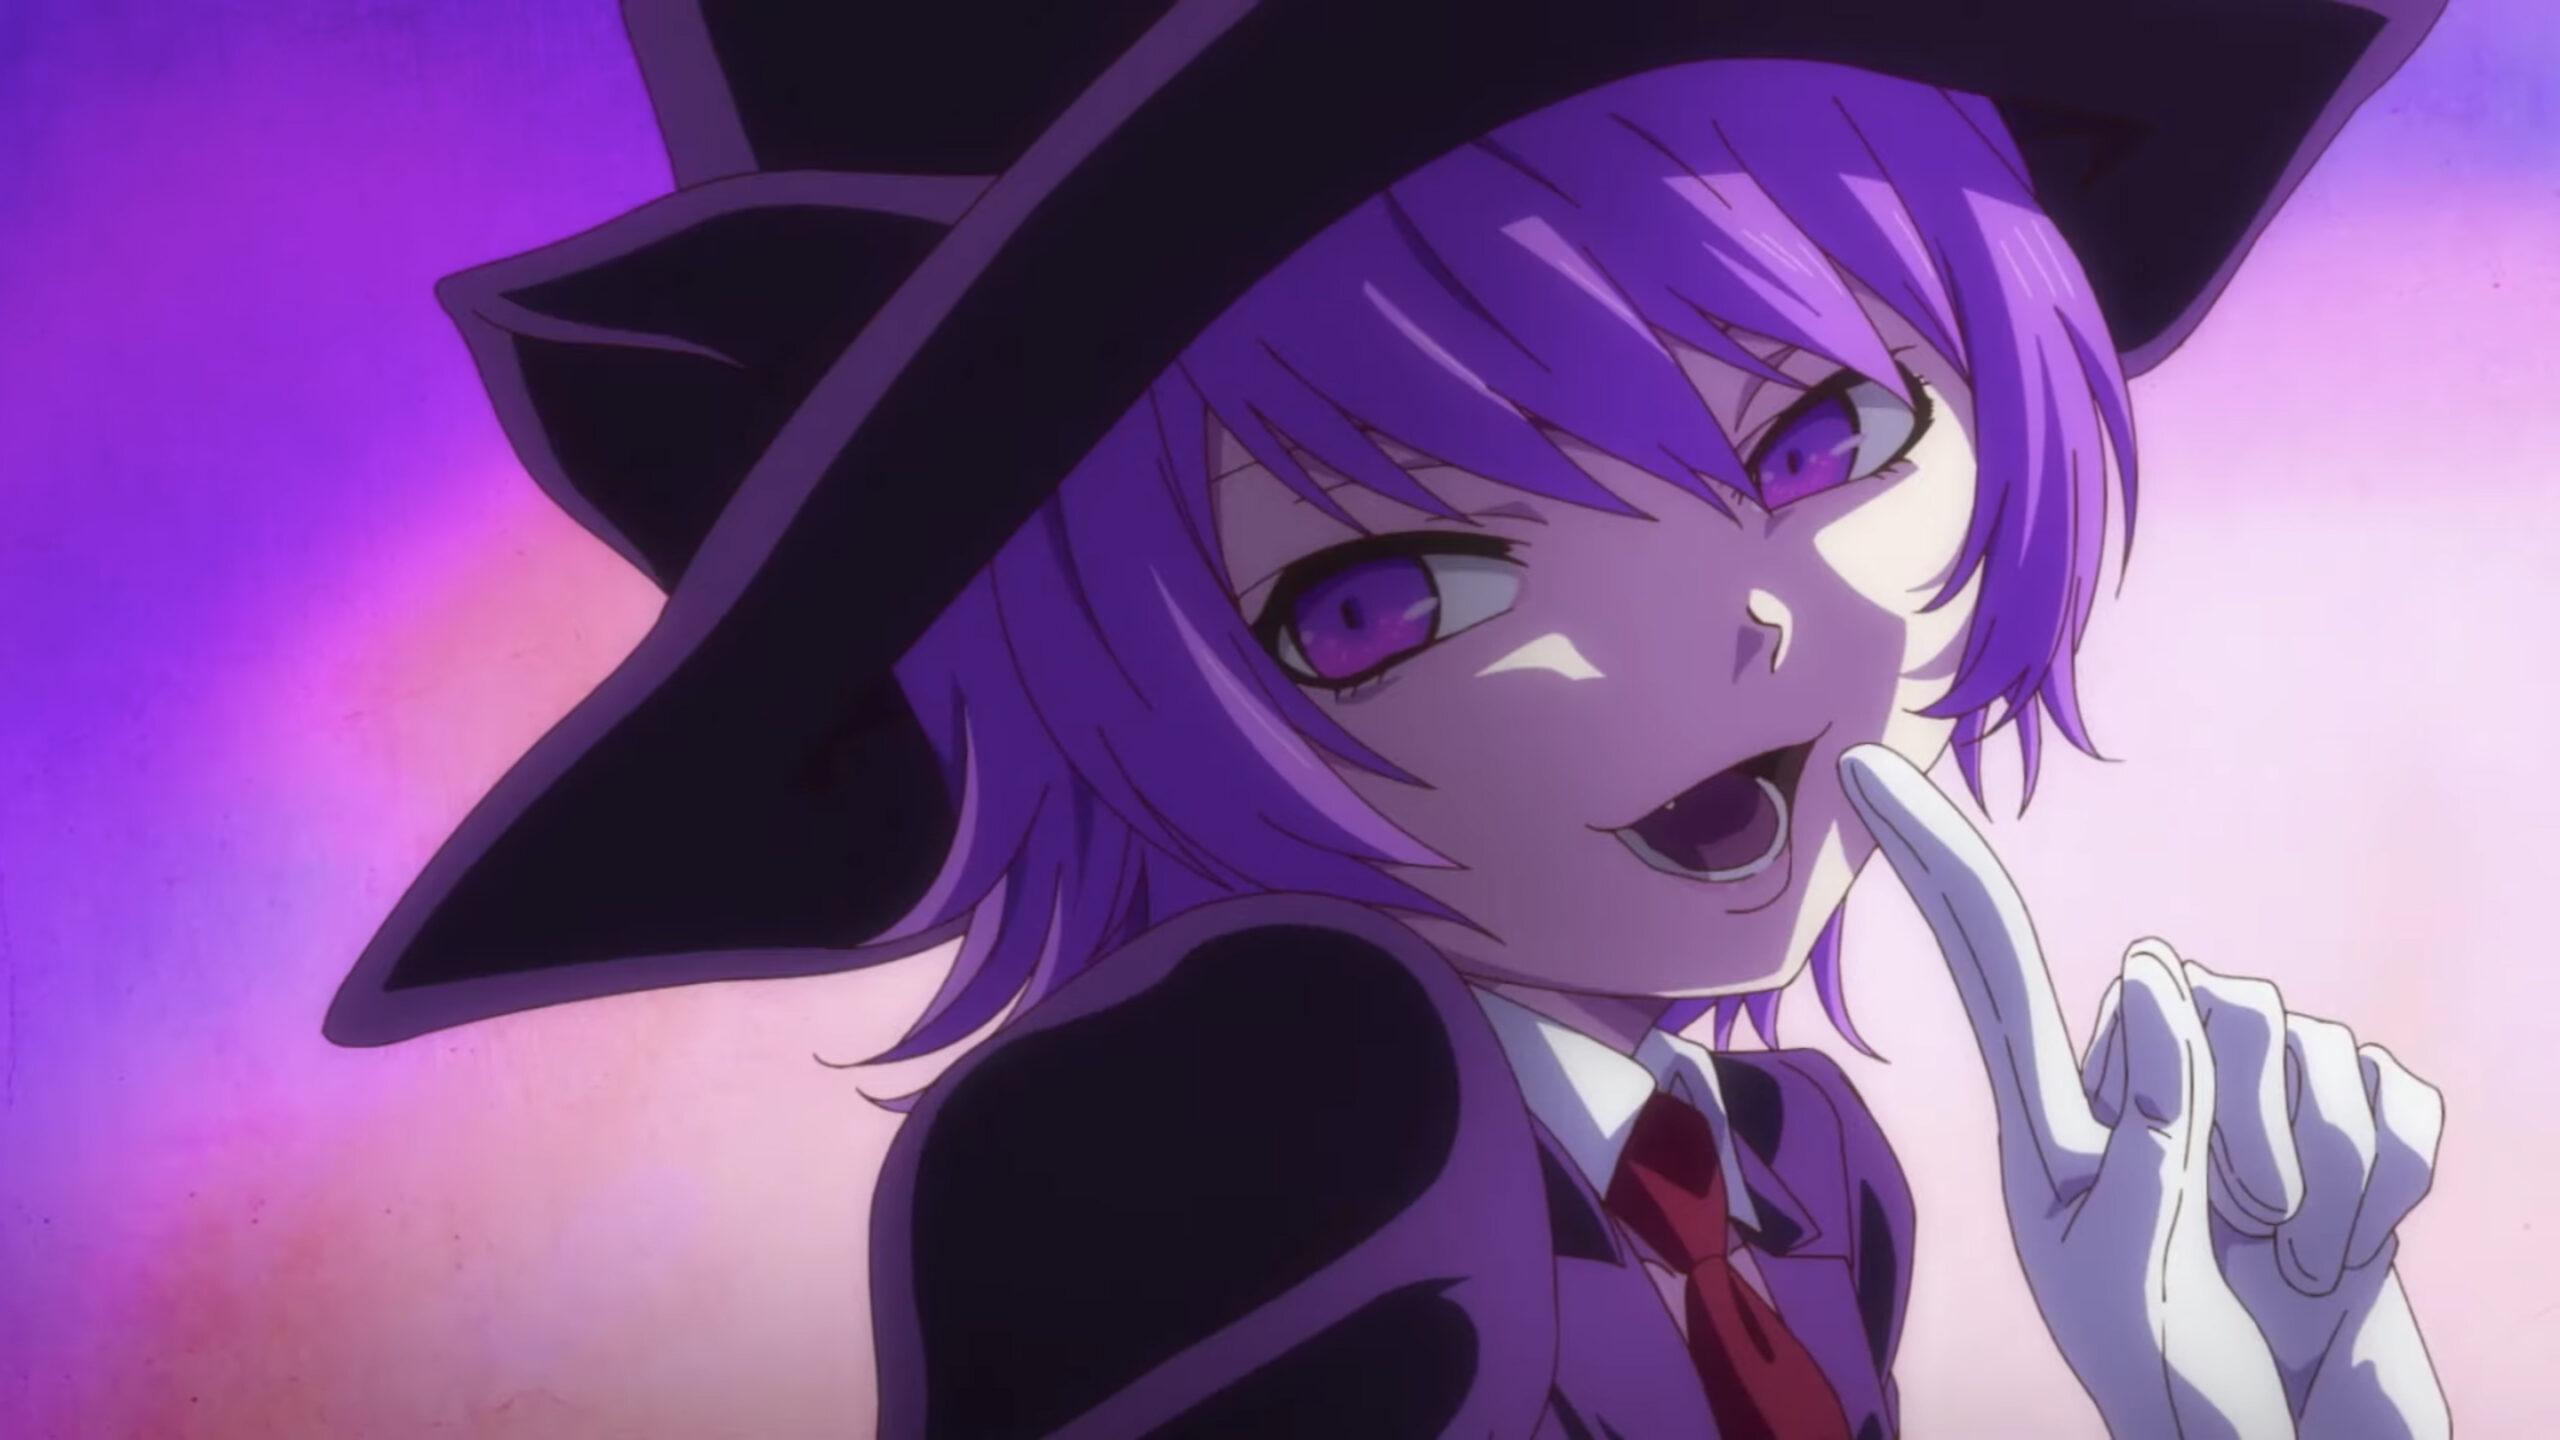 """Novas informações sobre o anime """"Battle Game in 5 Seconds"""" foram reveladas!"""